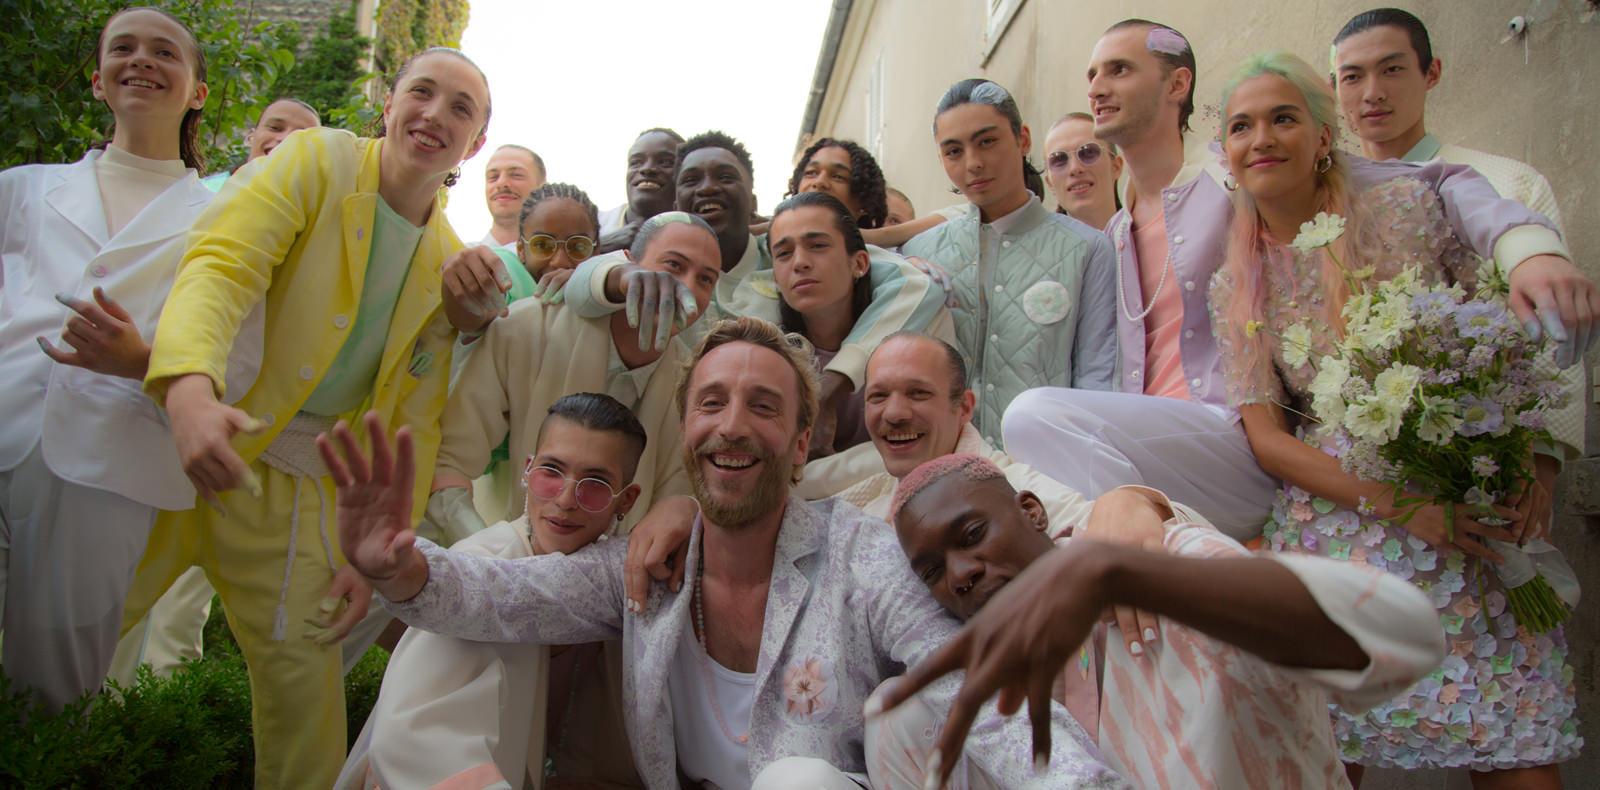 Gagnez 2 places pour la comédie musicale de Stéphane Ashpool du label Pigalle